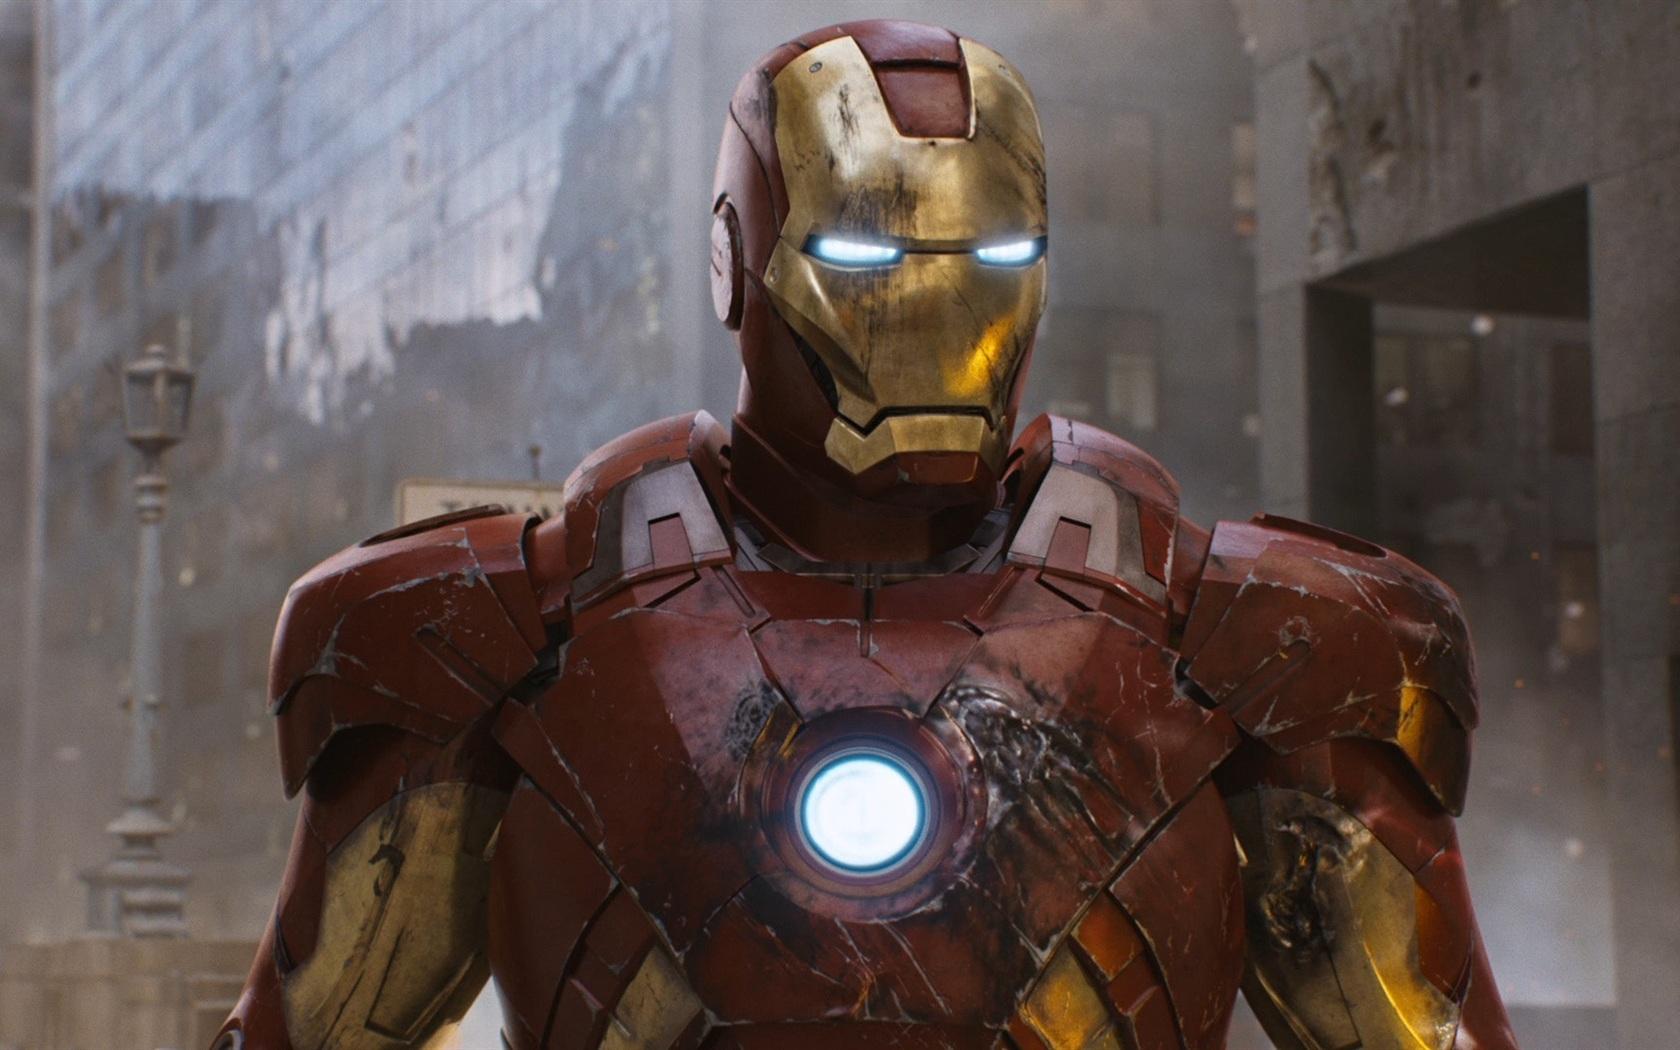 澳大利亚风景高清平板壁纸】高清  quot 澳大利亚风景 as well Iron Man Mark 7 Avengers additionally Rain Drop On Leaves Wallpaper also 成龙漫画 likewise 点击查看所有威猛地俄罗斯军车 图片21 精美图片. on 1209 html